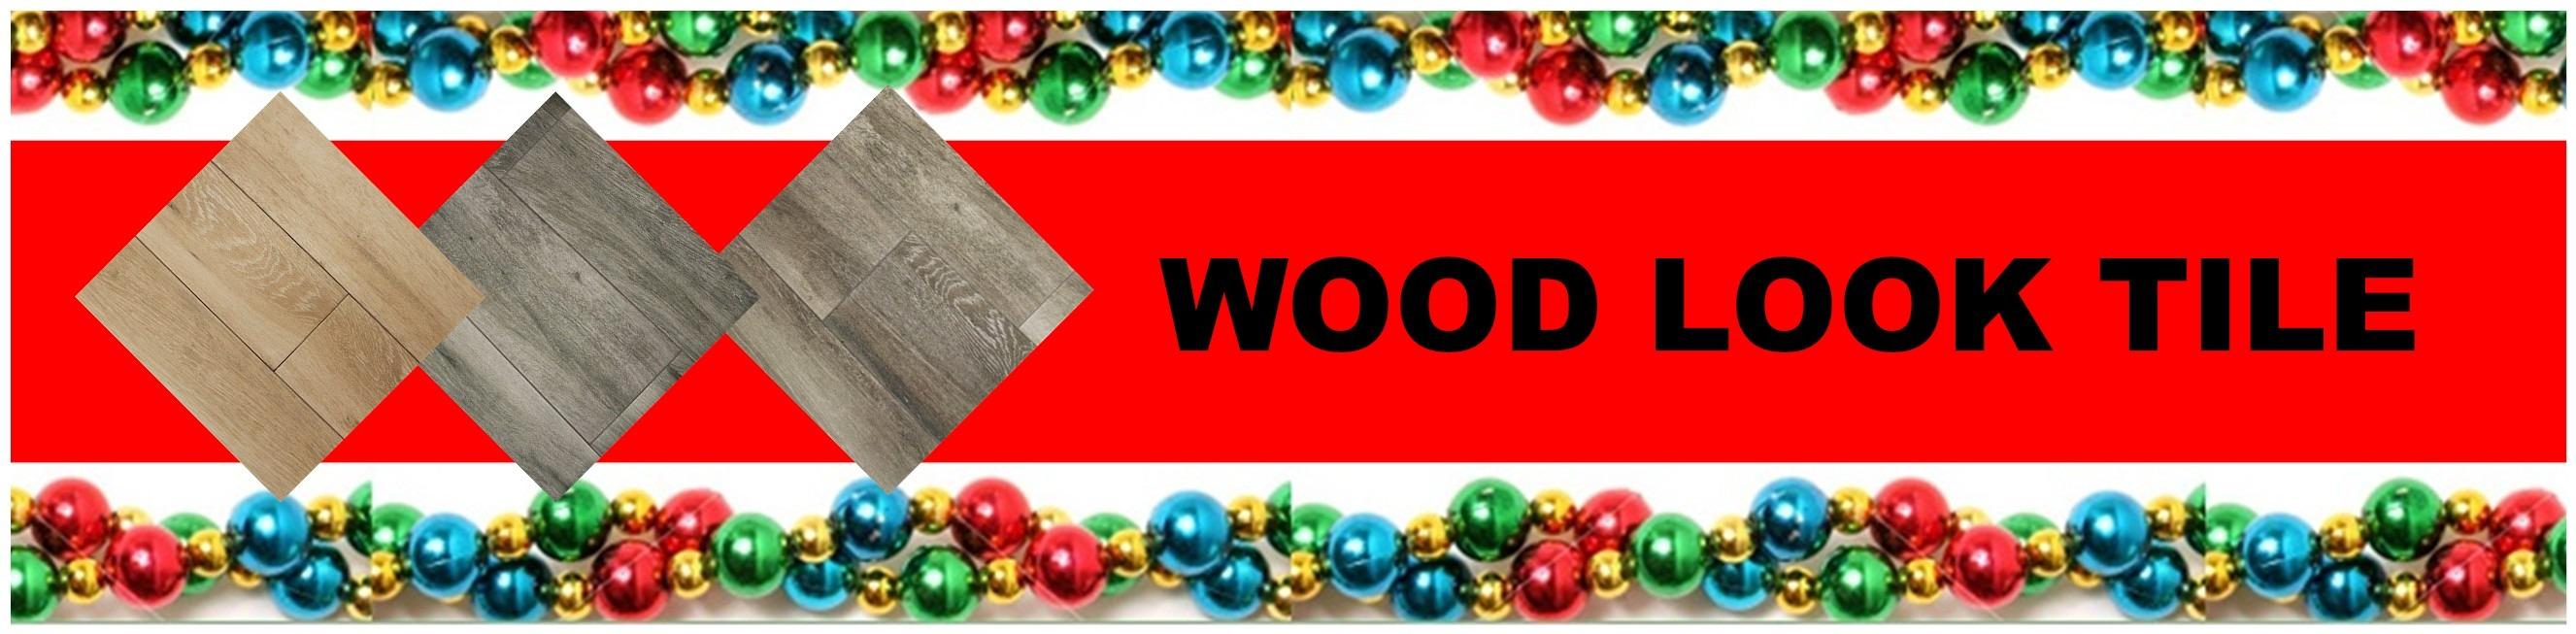 CHRISTMAS WOOD LOOK TILE HEADER